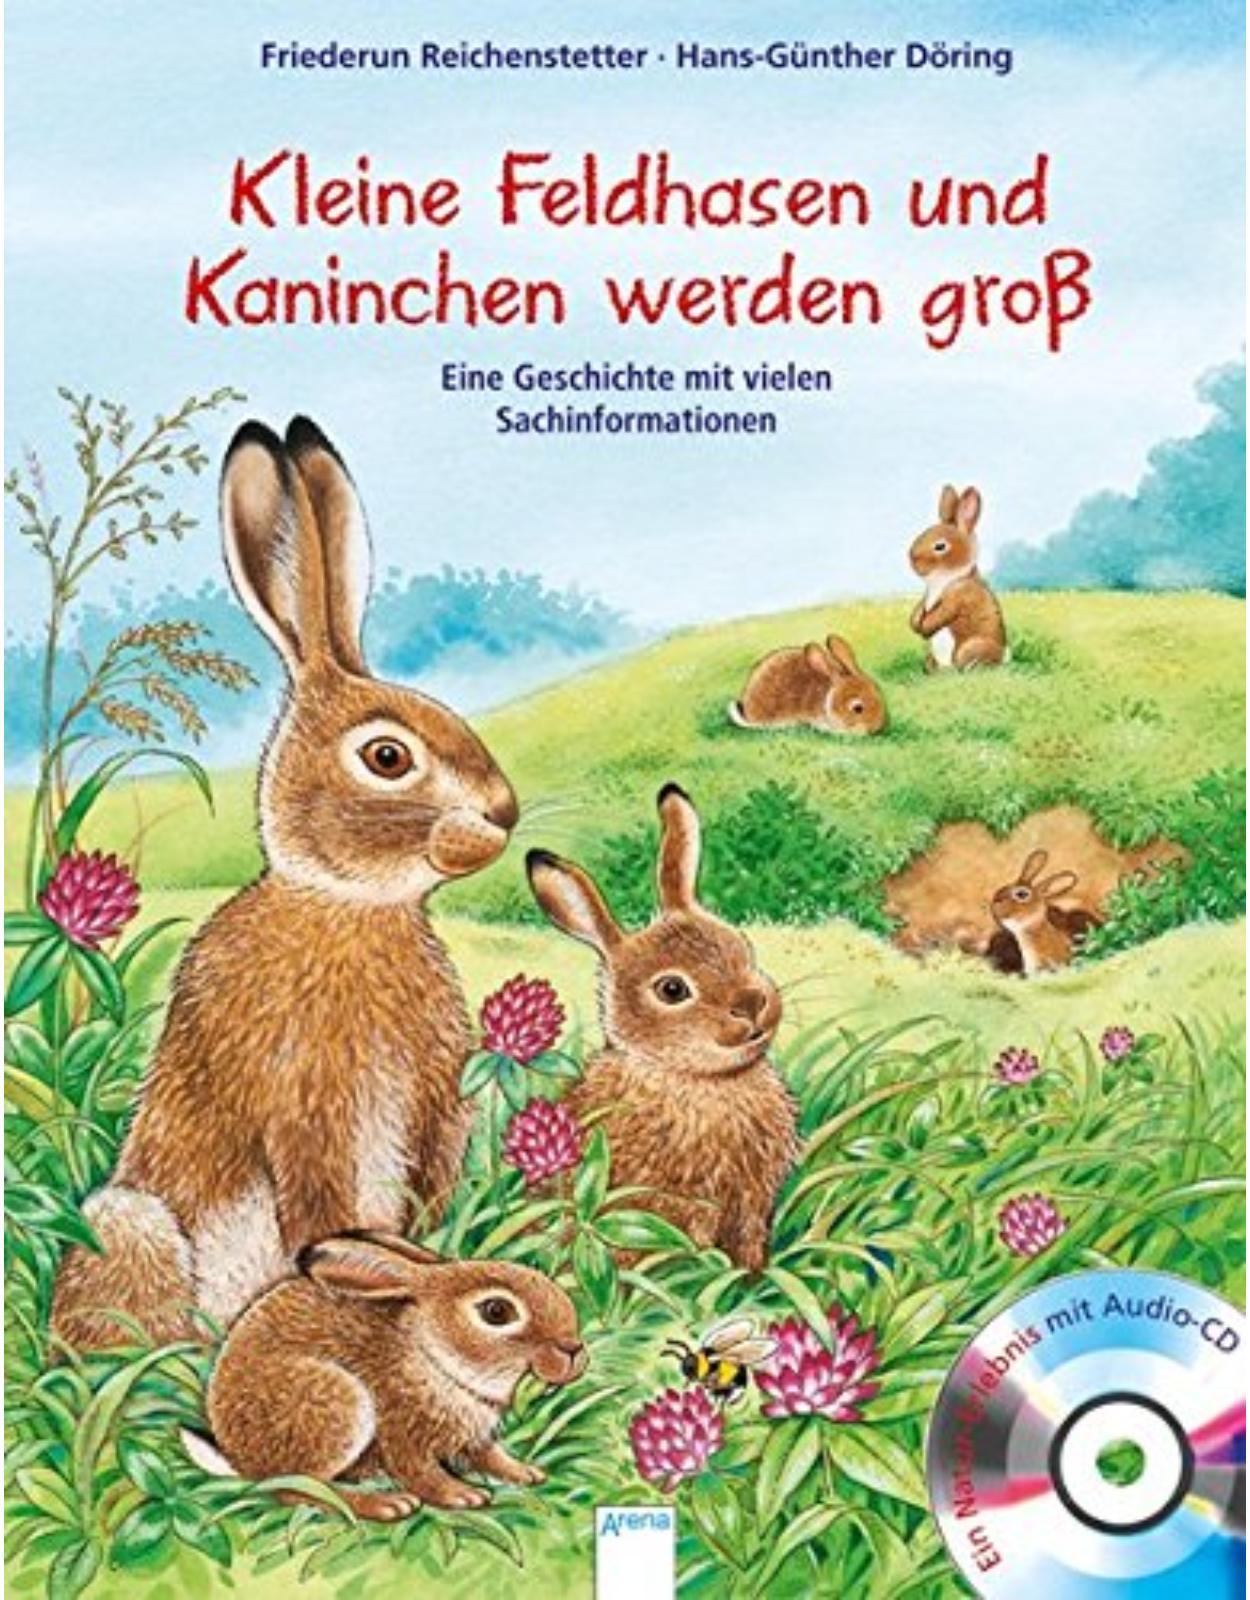 Wie kleine Feldhasen und Kaninchen groß werden: Eine Geschichte mit vielen Sachinformationen